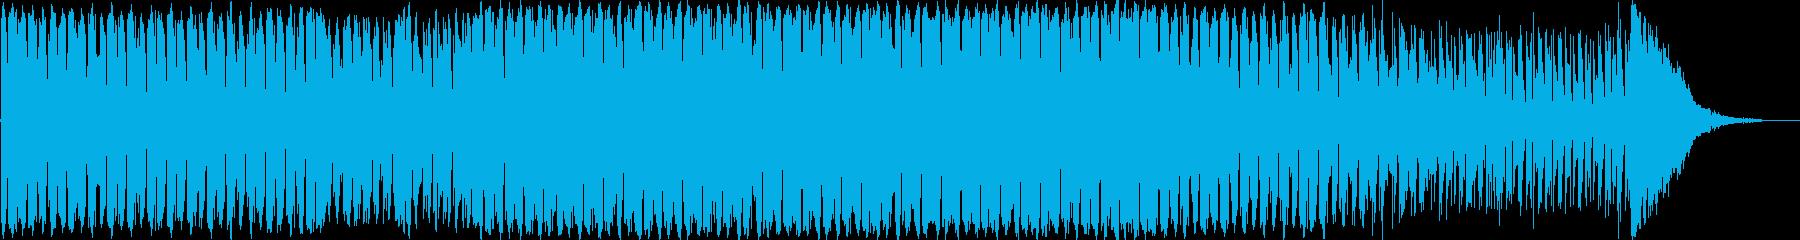 法人 アクション お洒落 ハイテク...の再生済みの波形